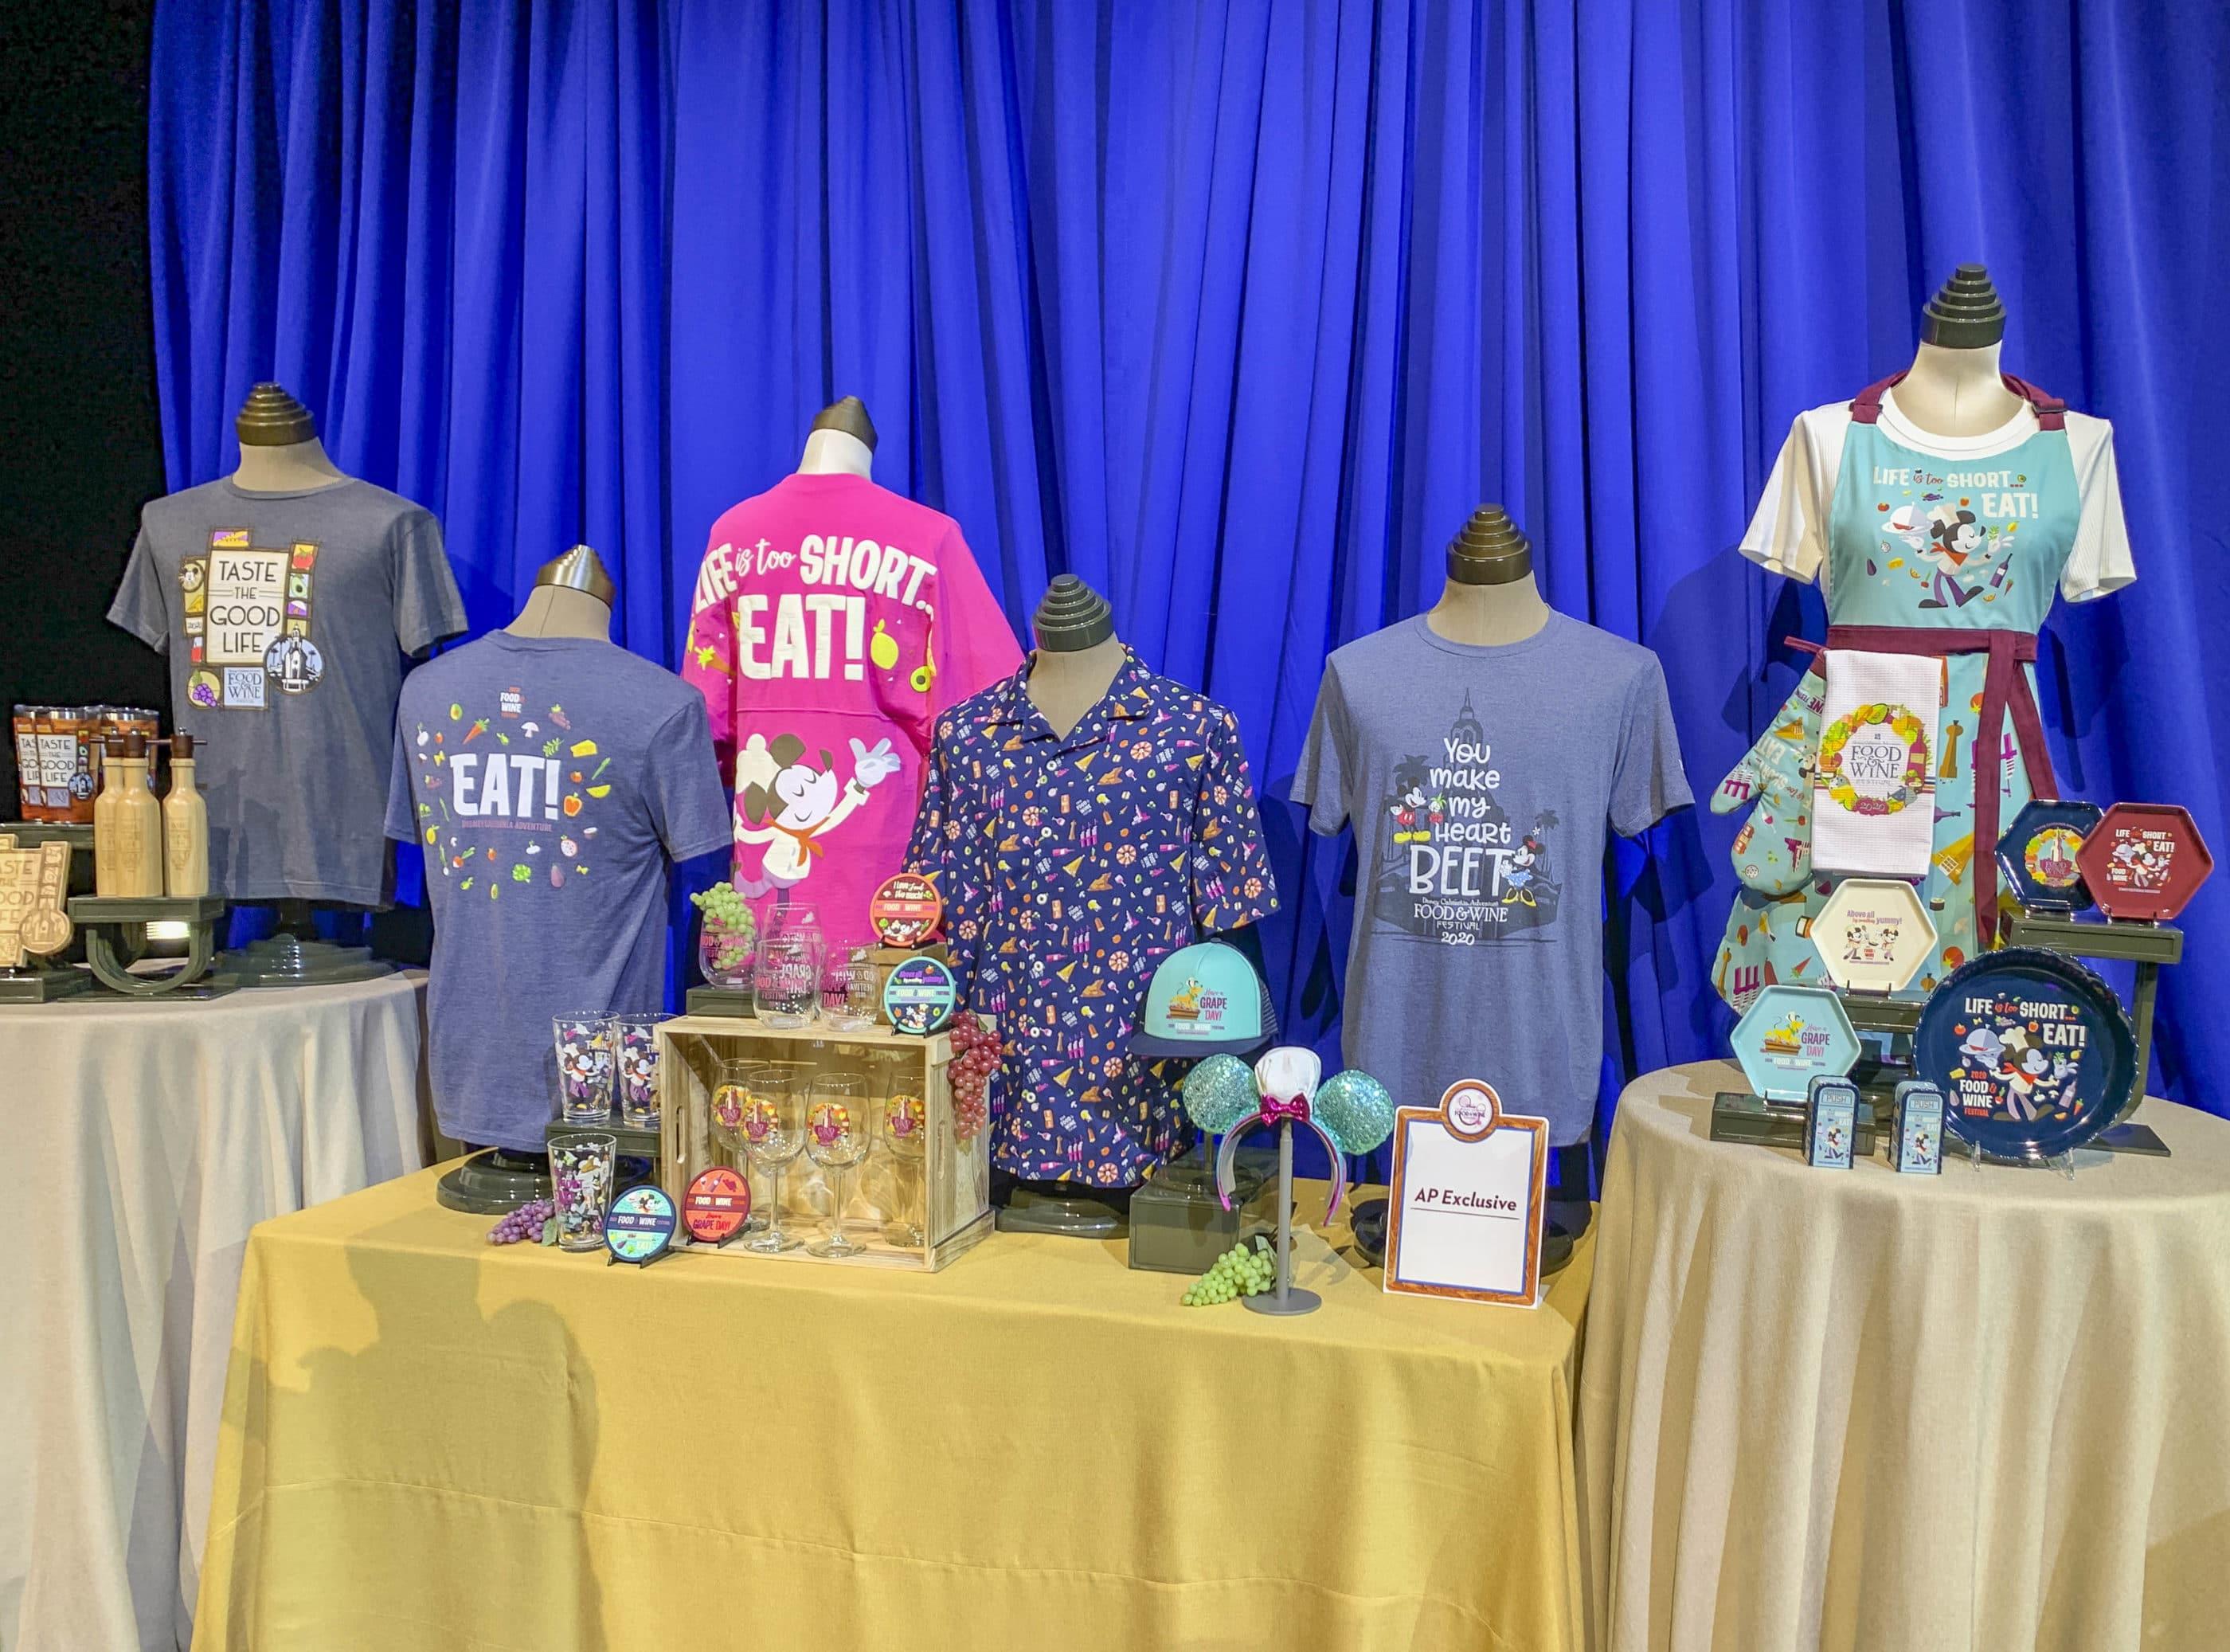 Marchandises Disney California Adventure Food and Wine sur une table, des T-shirts aux gadgets à vin.